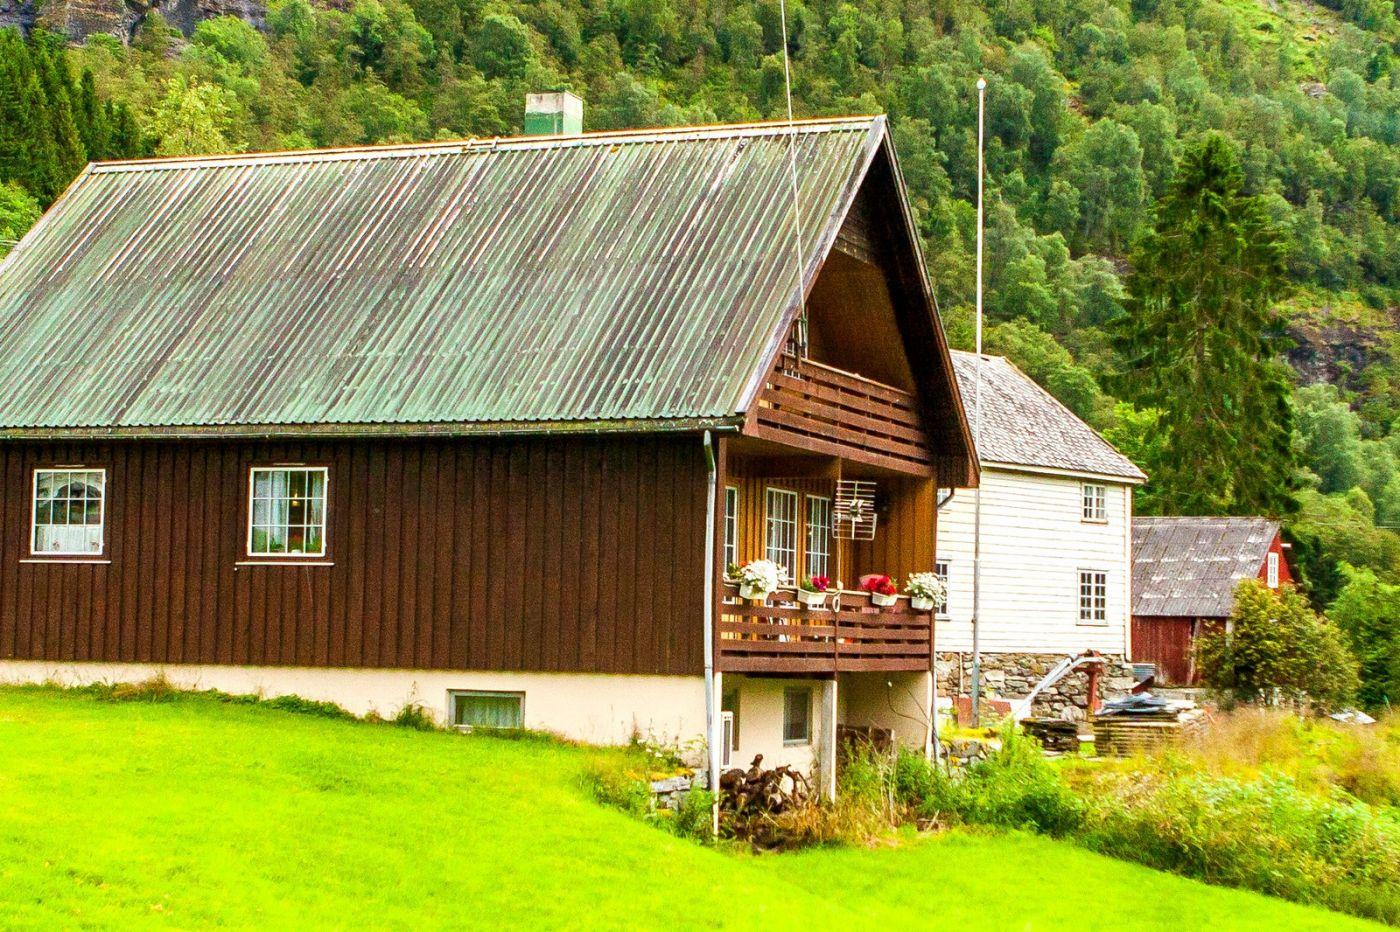 北欧旅途,农庄农舍多姿多彩_图1-22